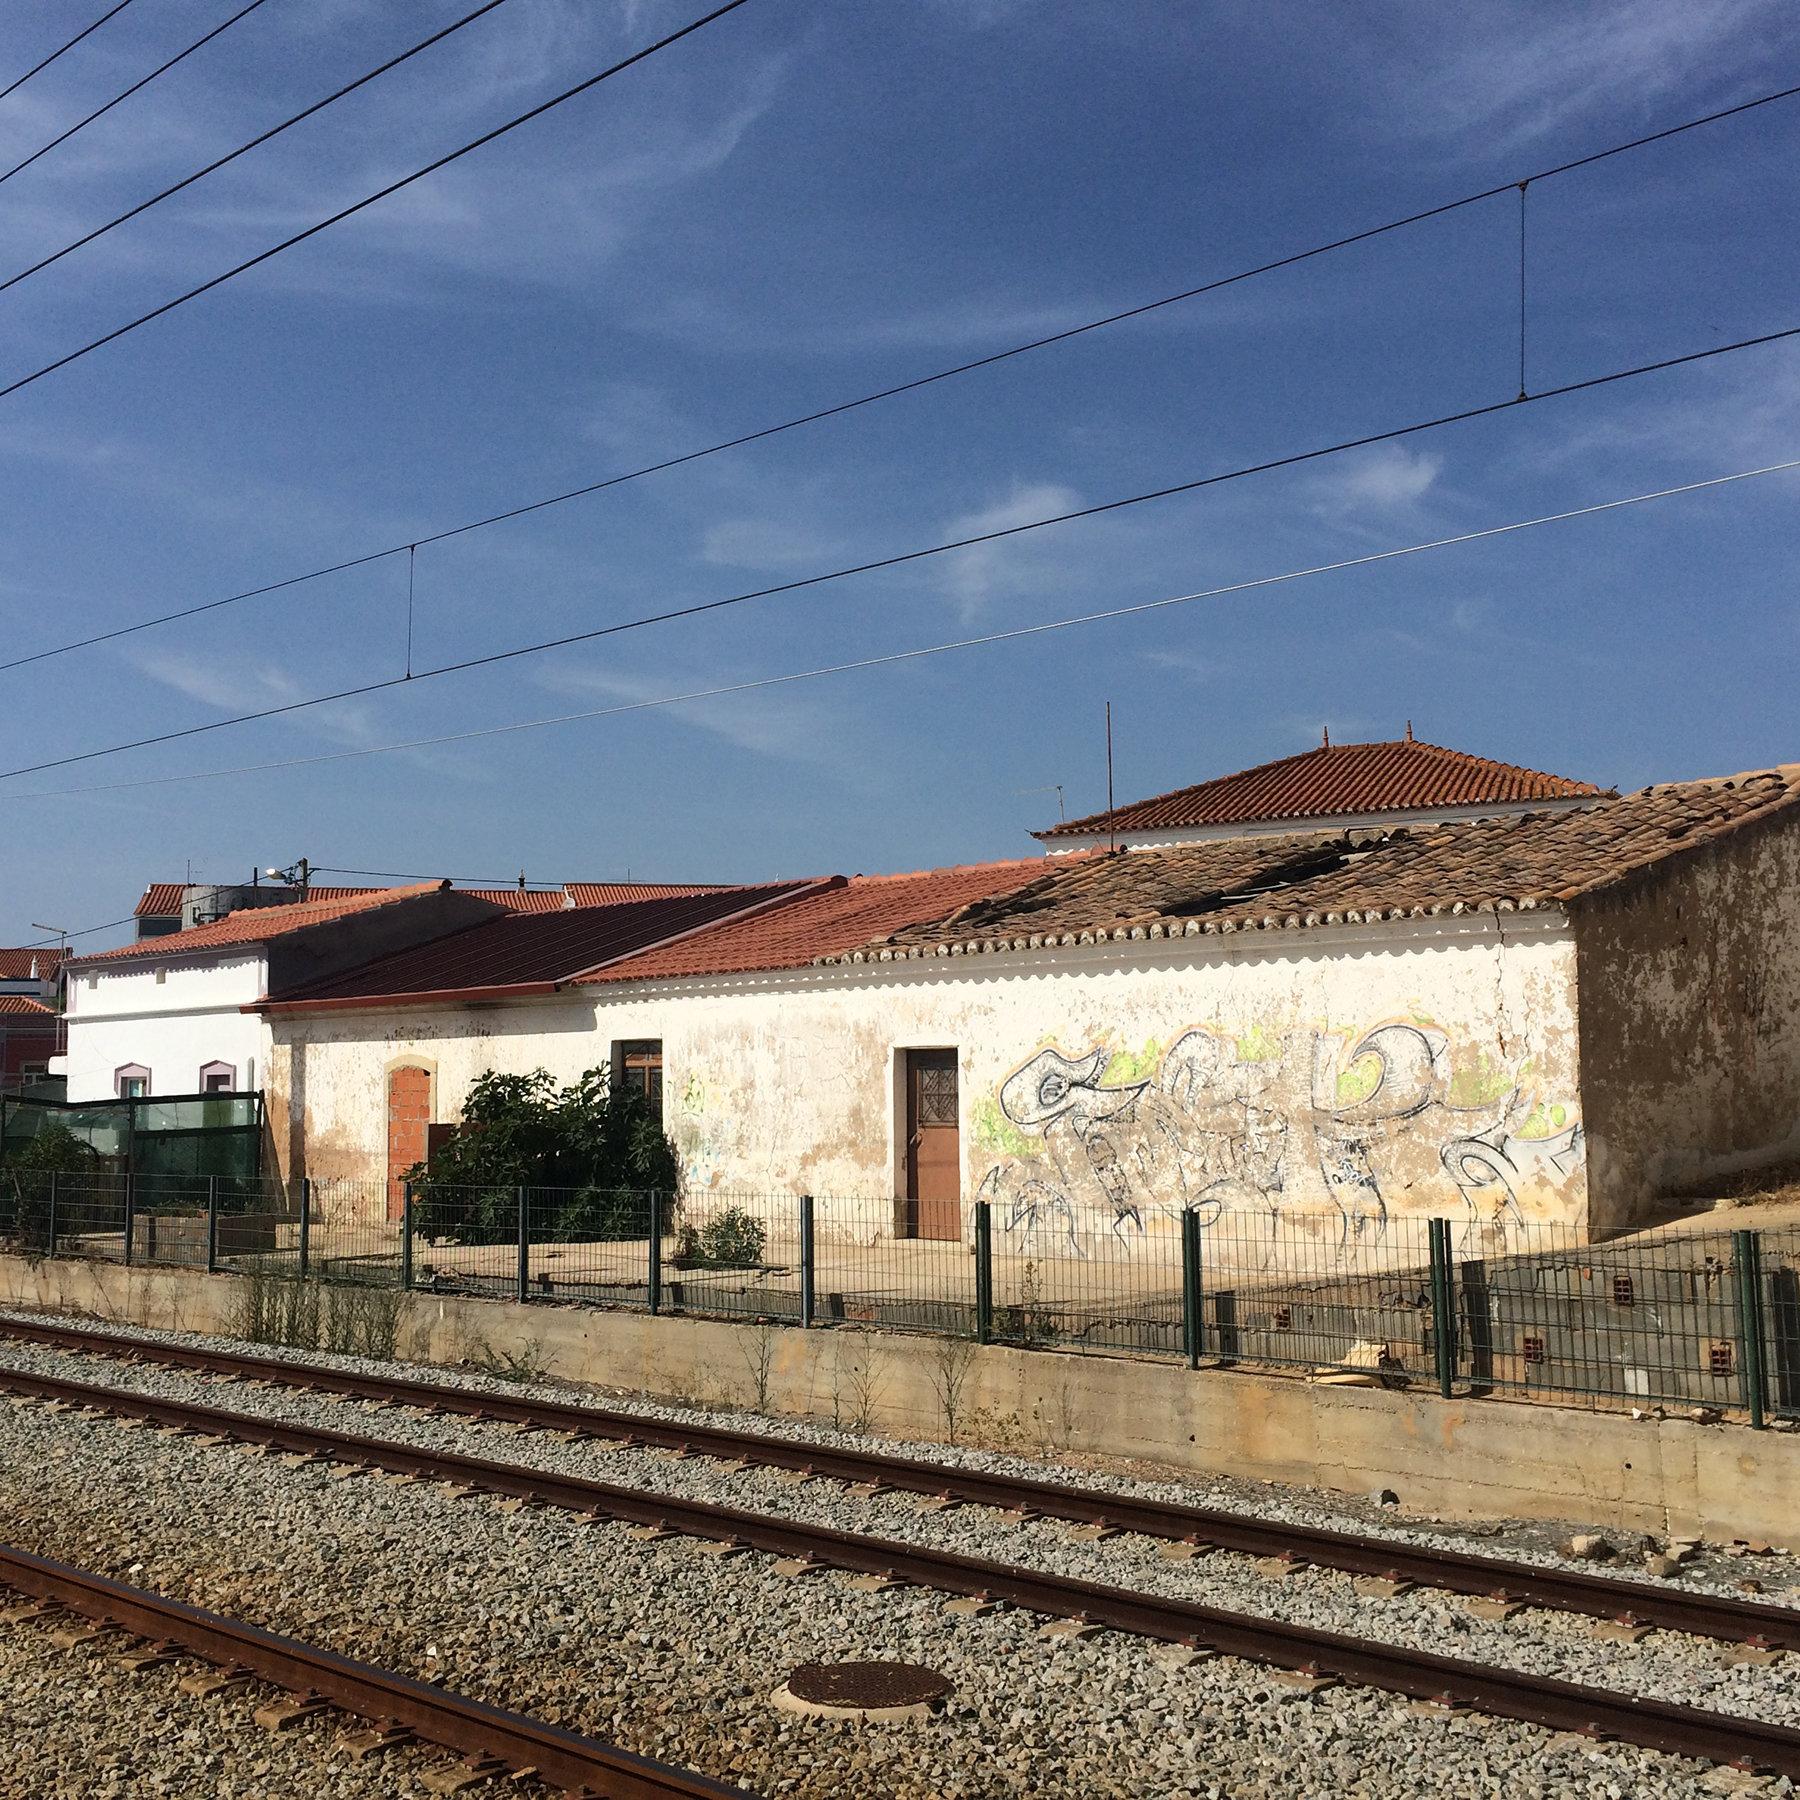 Leaving Faro